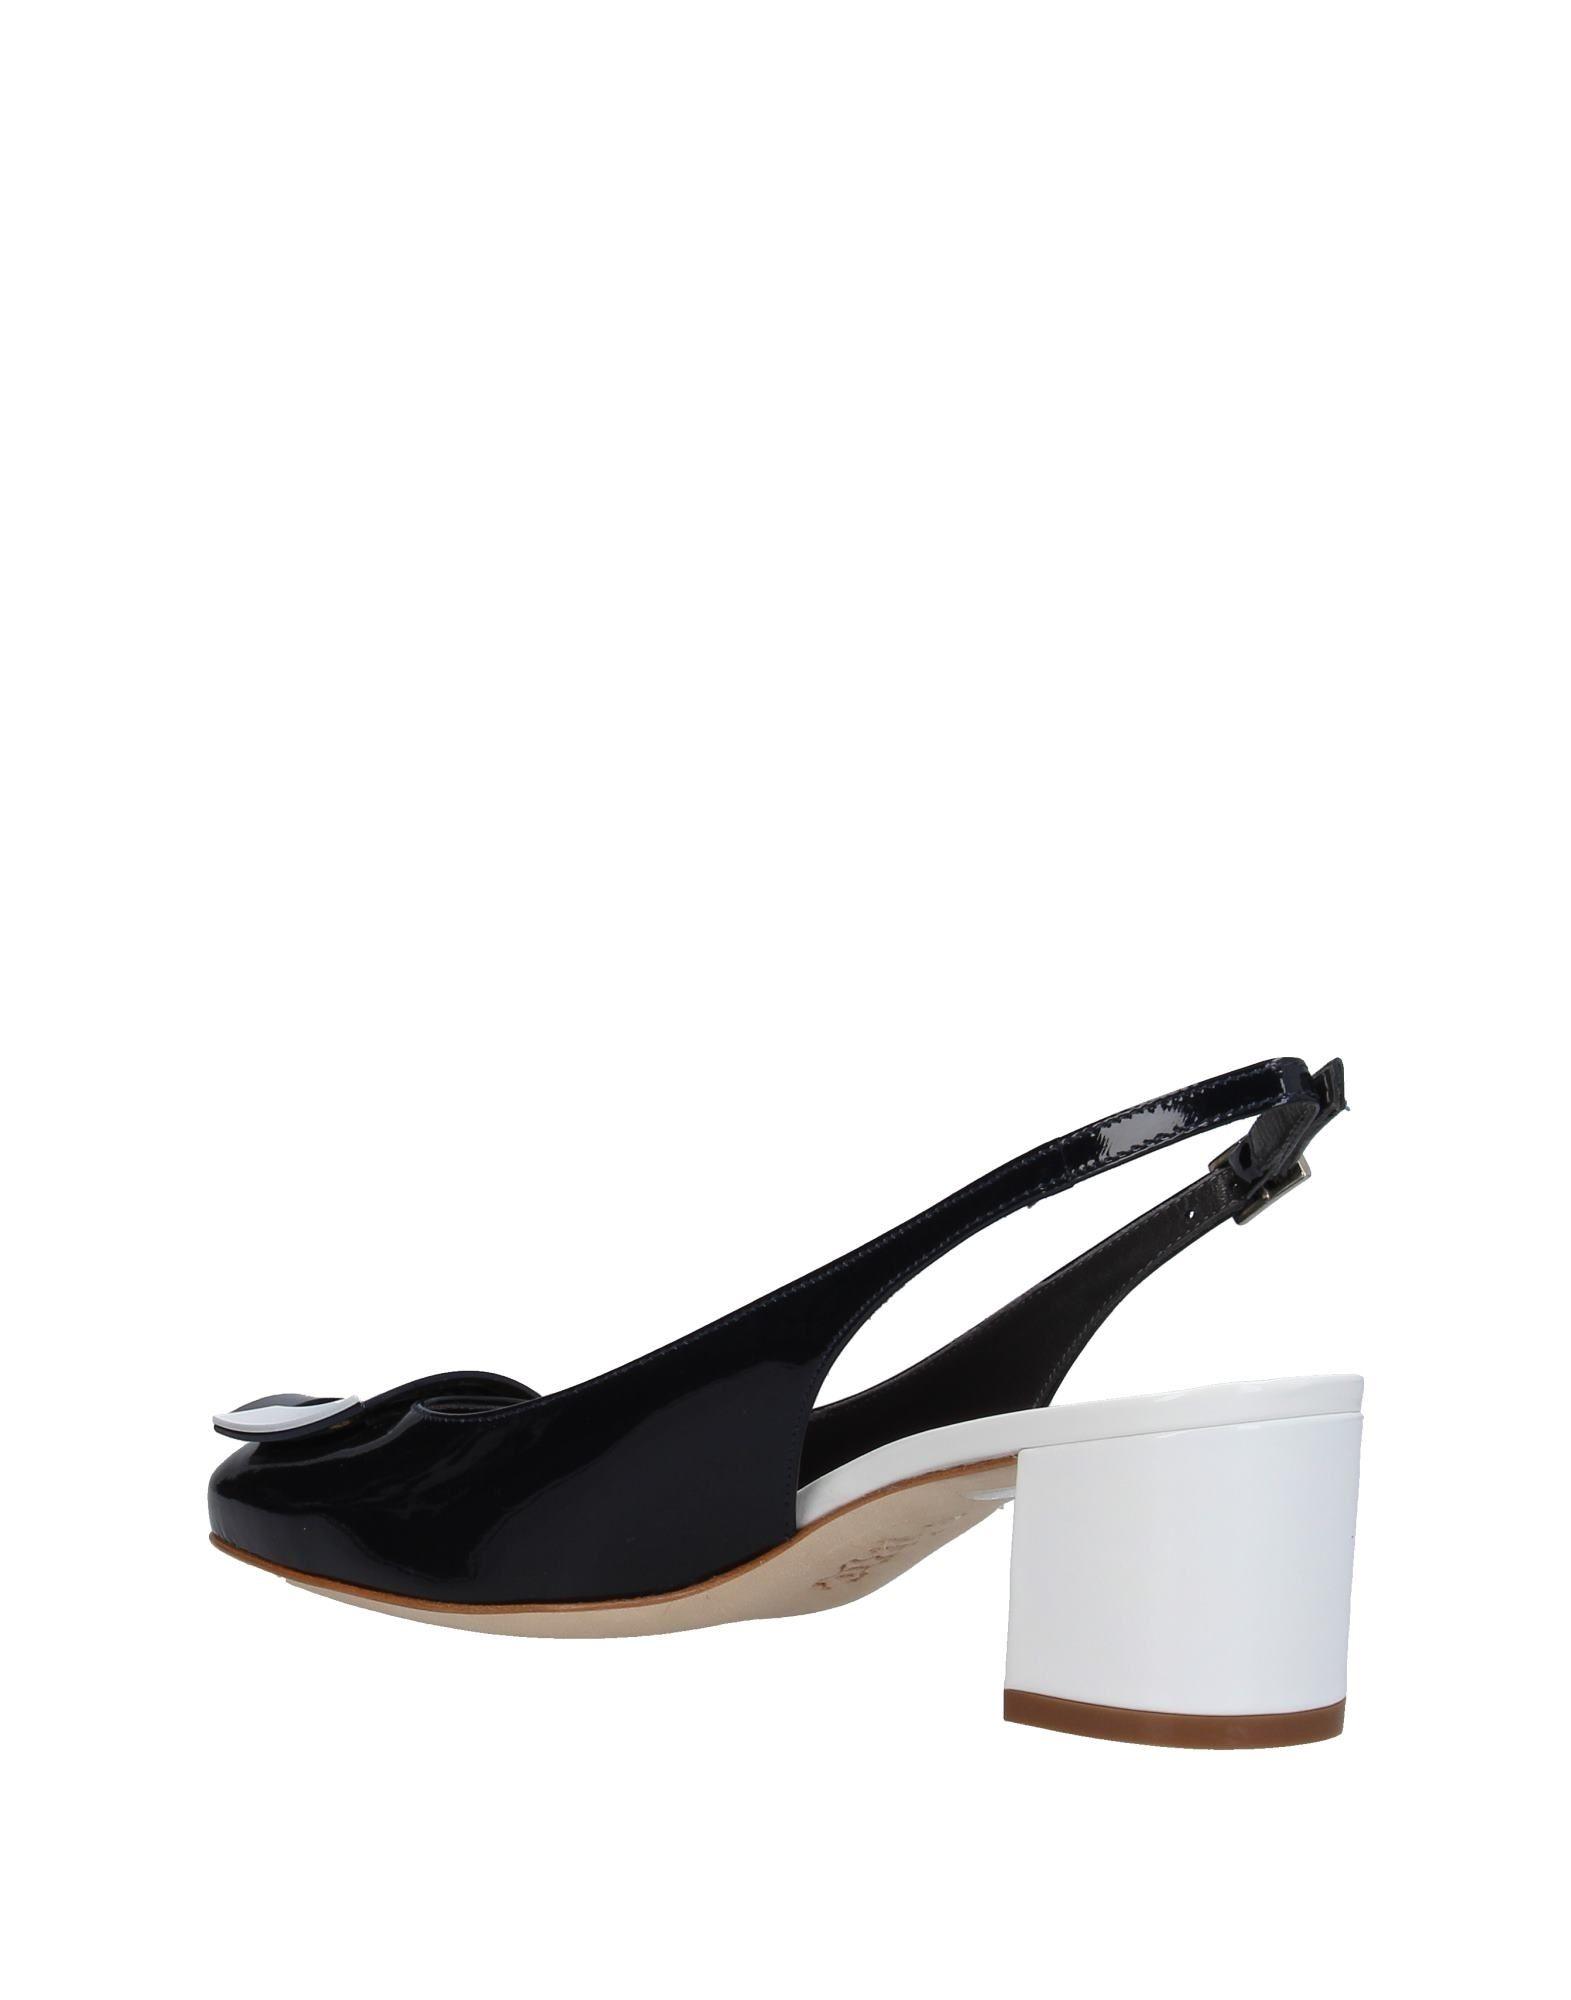 Haltbare Mode billige Schuhe Calpierre Pumps Damen  11407670XH Heiße Schuhe